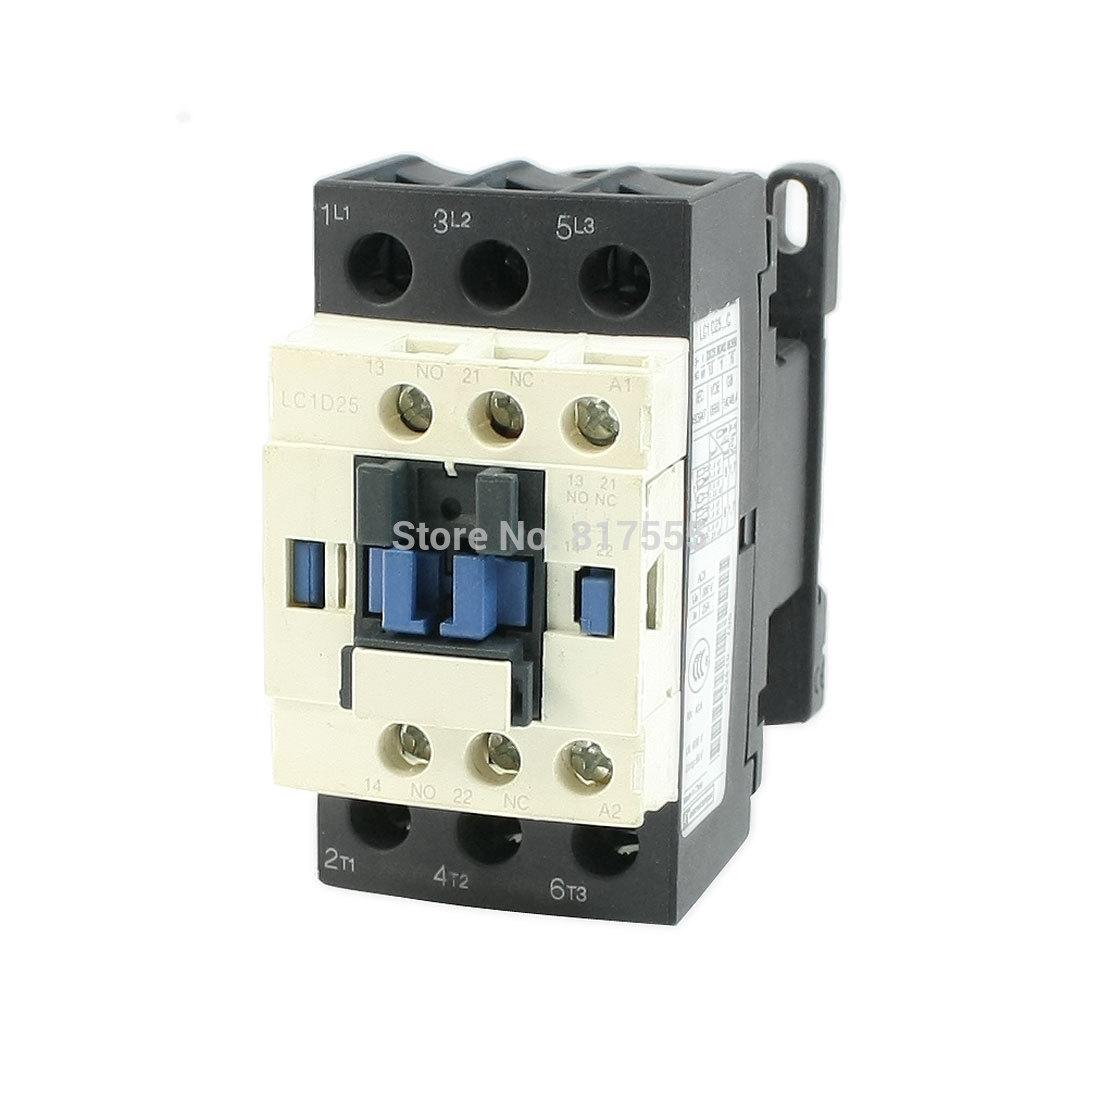 Замыкатель UX Motor LC1D25 AC 110 50/60 3/nc